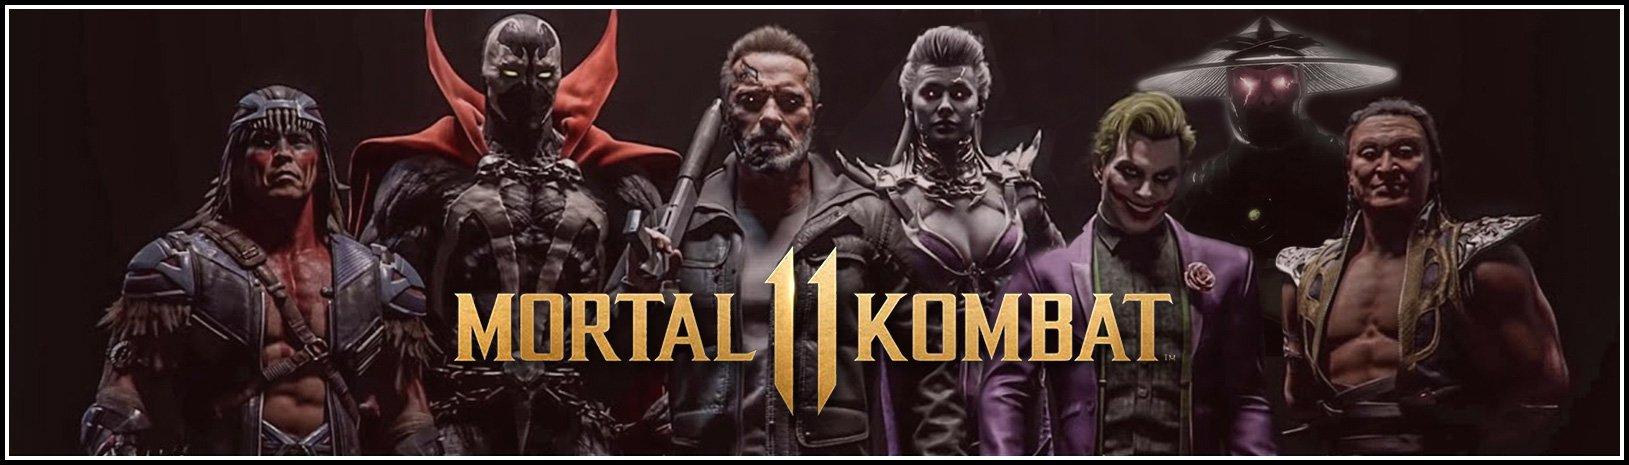 Mortal Combat Jackets